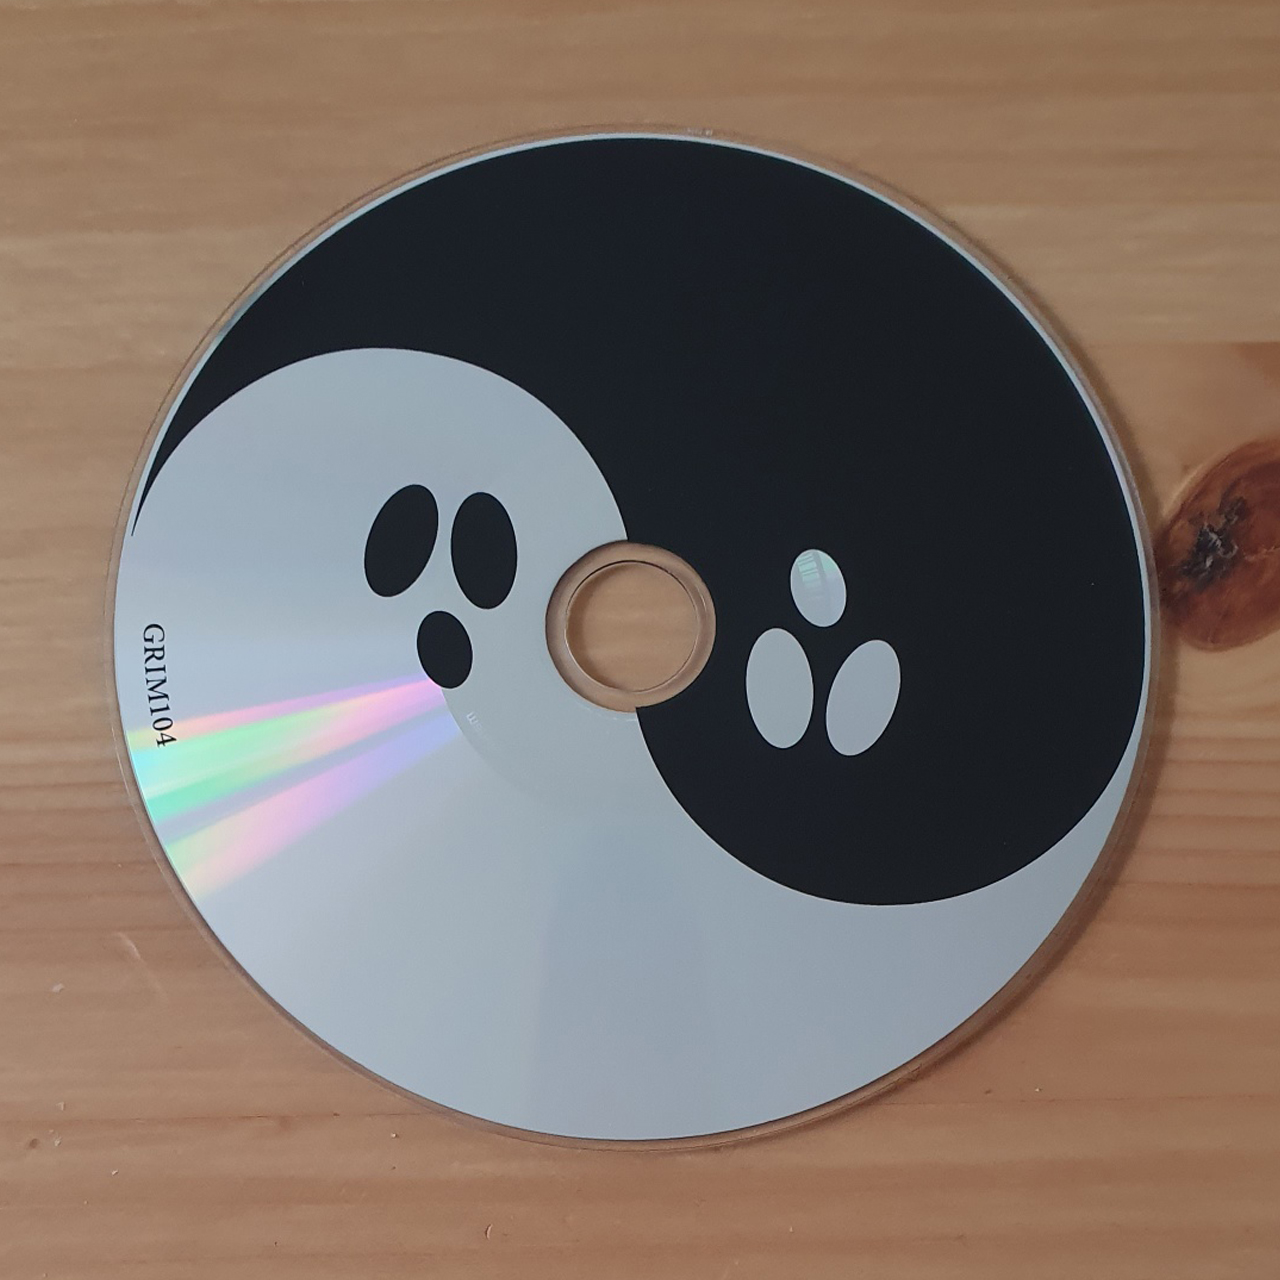 Zugezogen Maskulin Grim104 - Das Grauen, das Grauen / Signiert CD